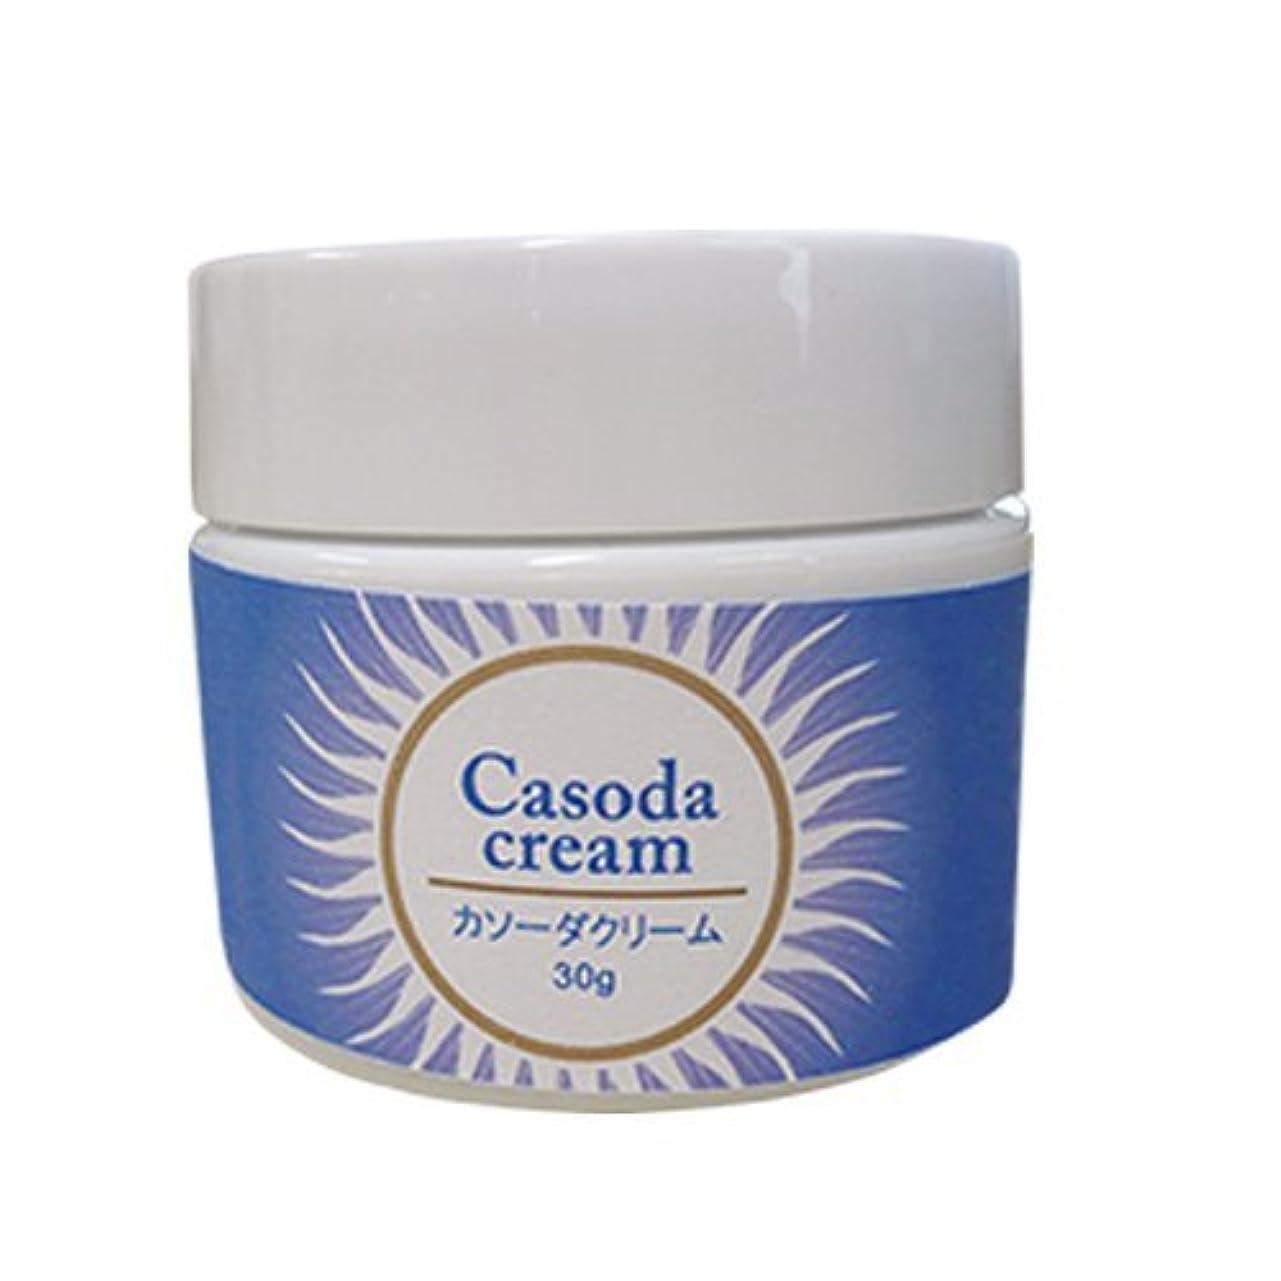 窒素チャップネズミcasoda カソーダ クリーム 30g